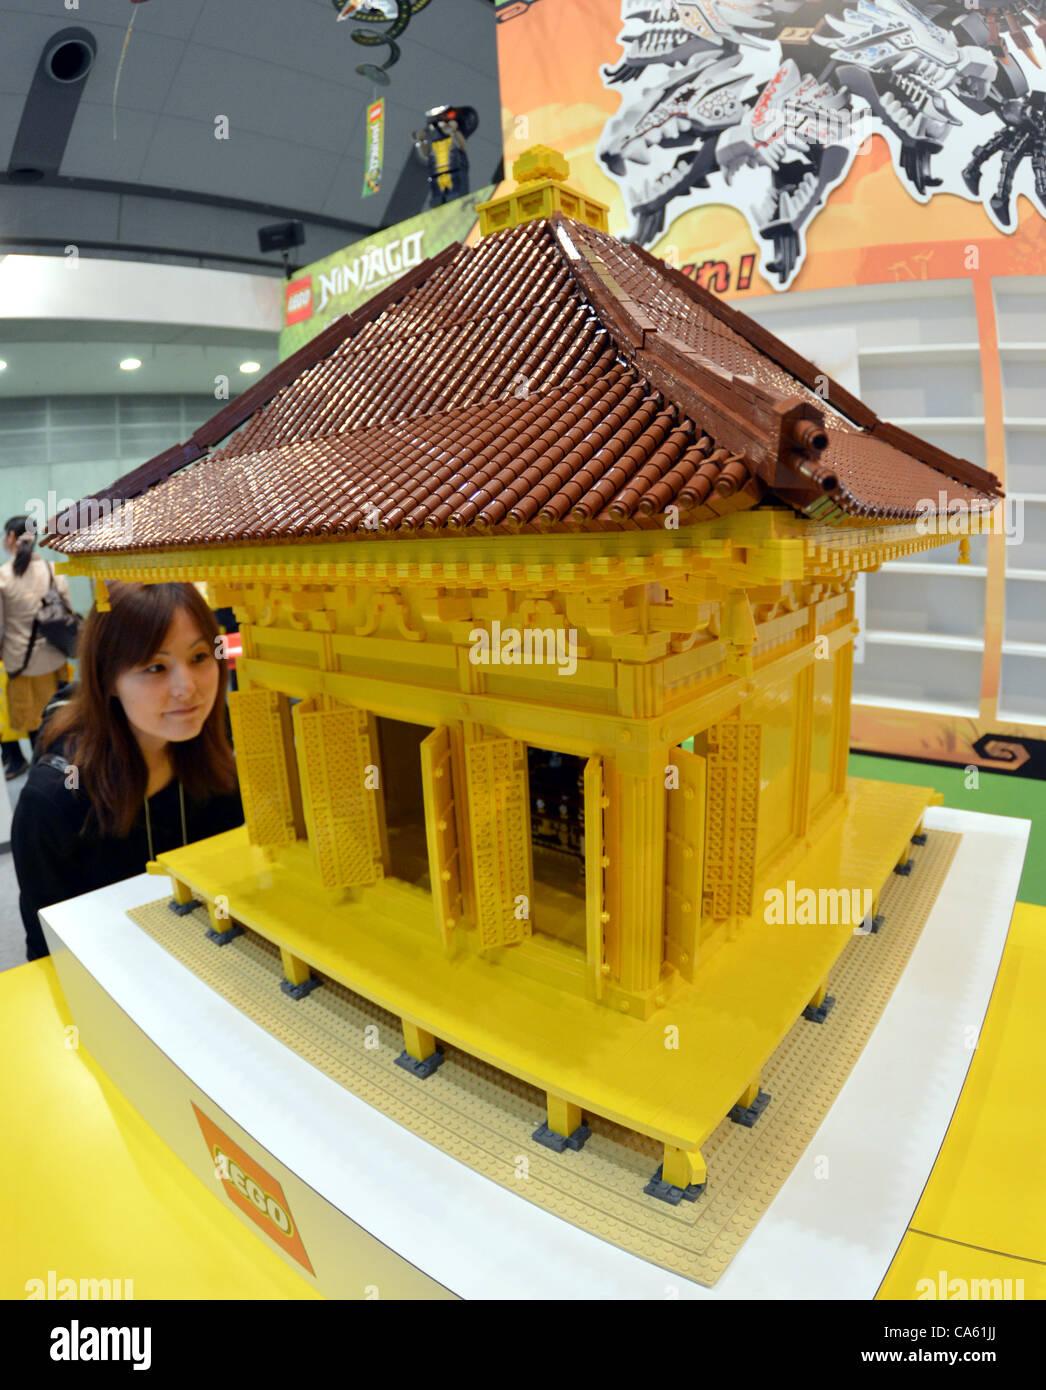 Lego replica stockfotos lego replica bilder alamy for Designermobel nachbau england